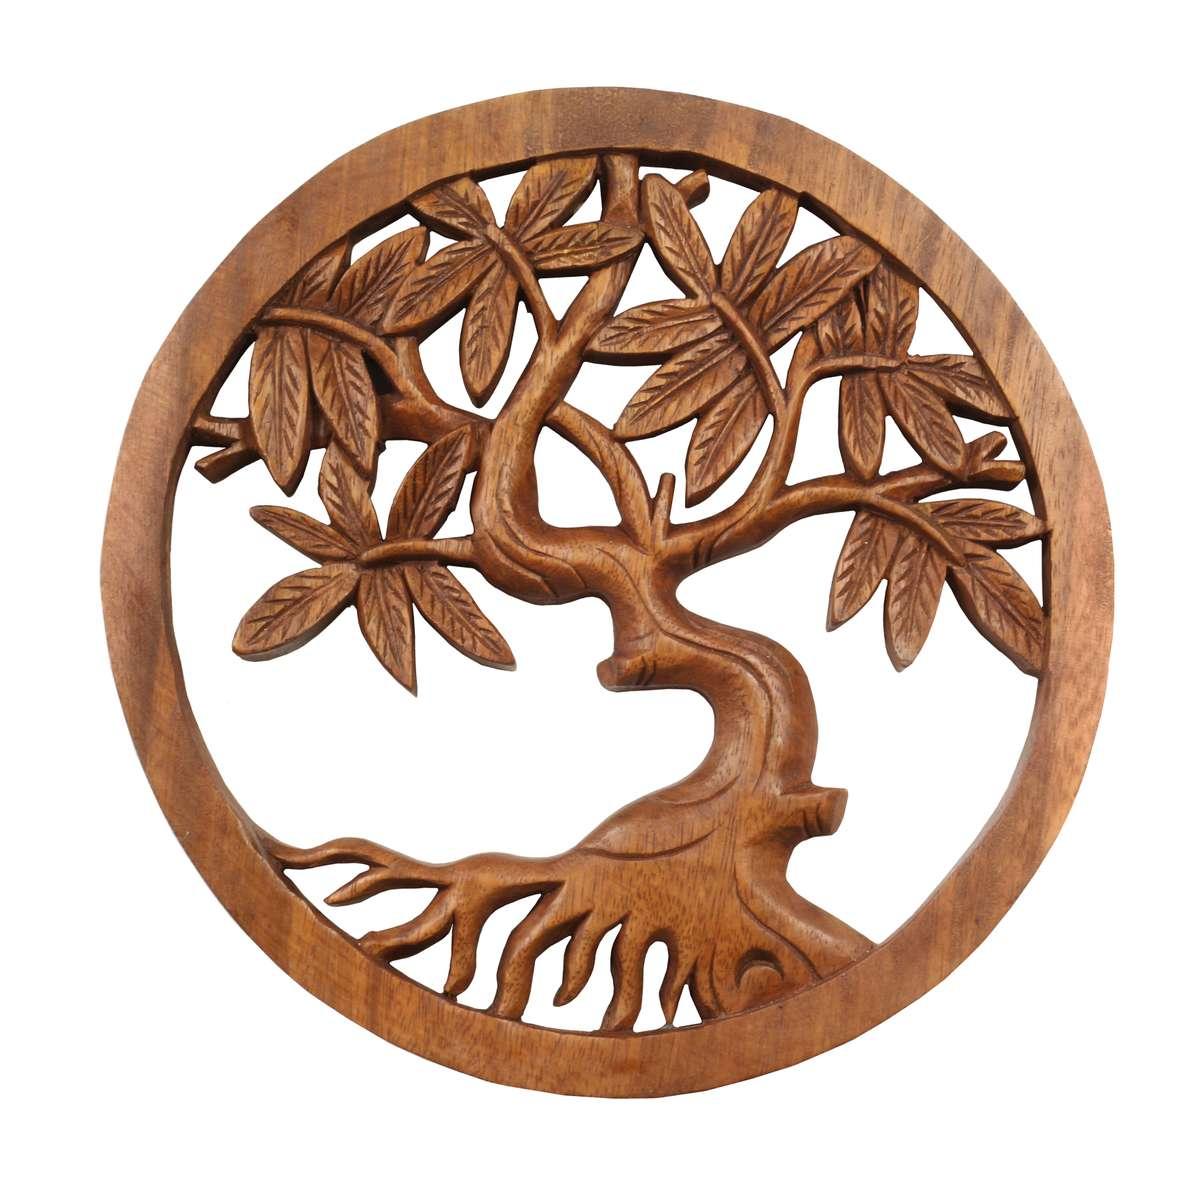 Full Size of Wandbild Wanddeko Mandala Relief Lebensbaum Baum Symbol Mythologie Sofa Mit Holzfüßen Bad Unterschrank Holz Regal Naturholz Massivholz Massivholzküche Wohnzimmer Wanddeko Holz